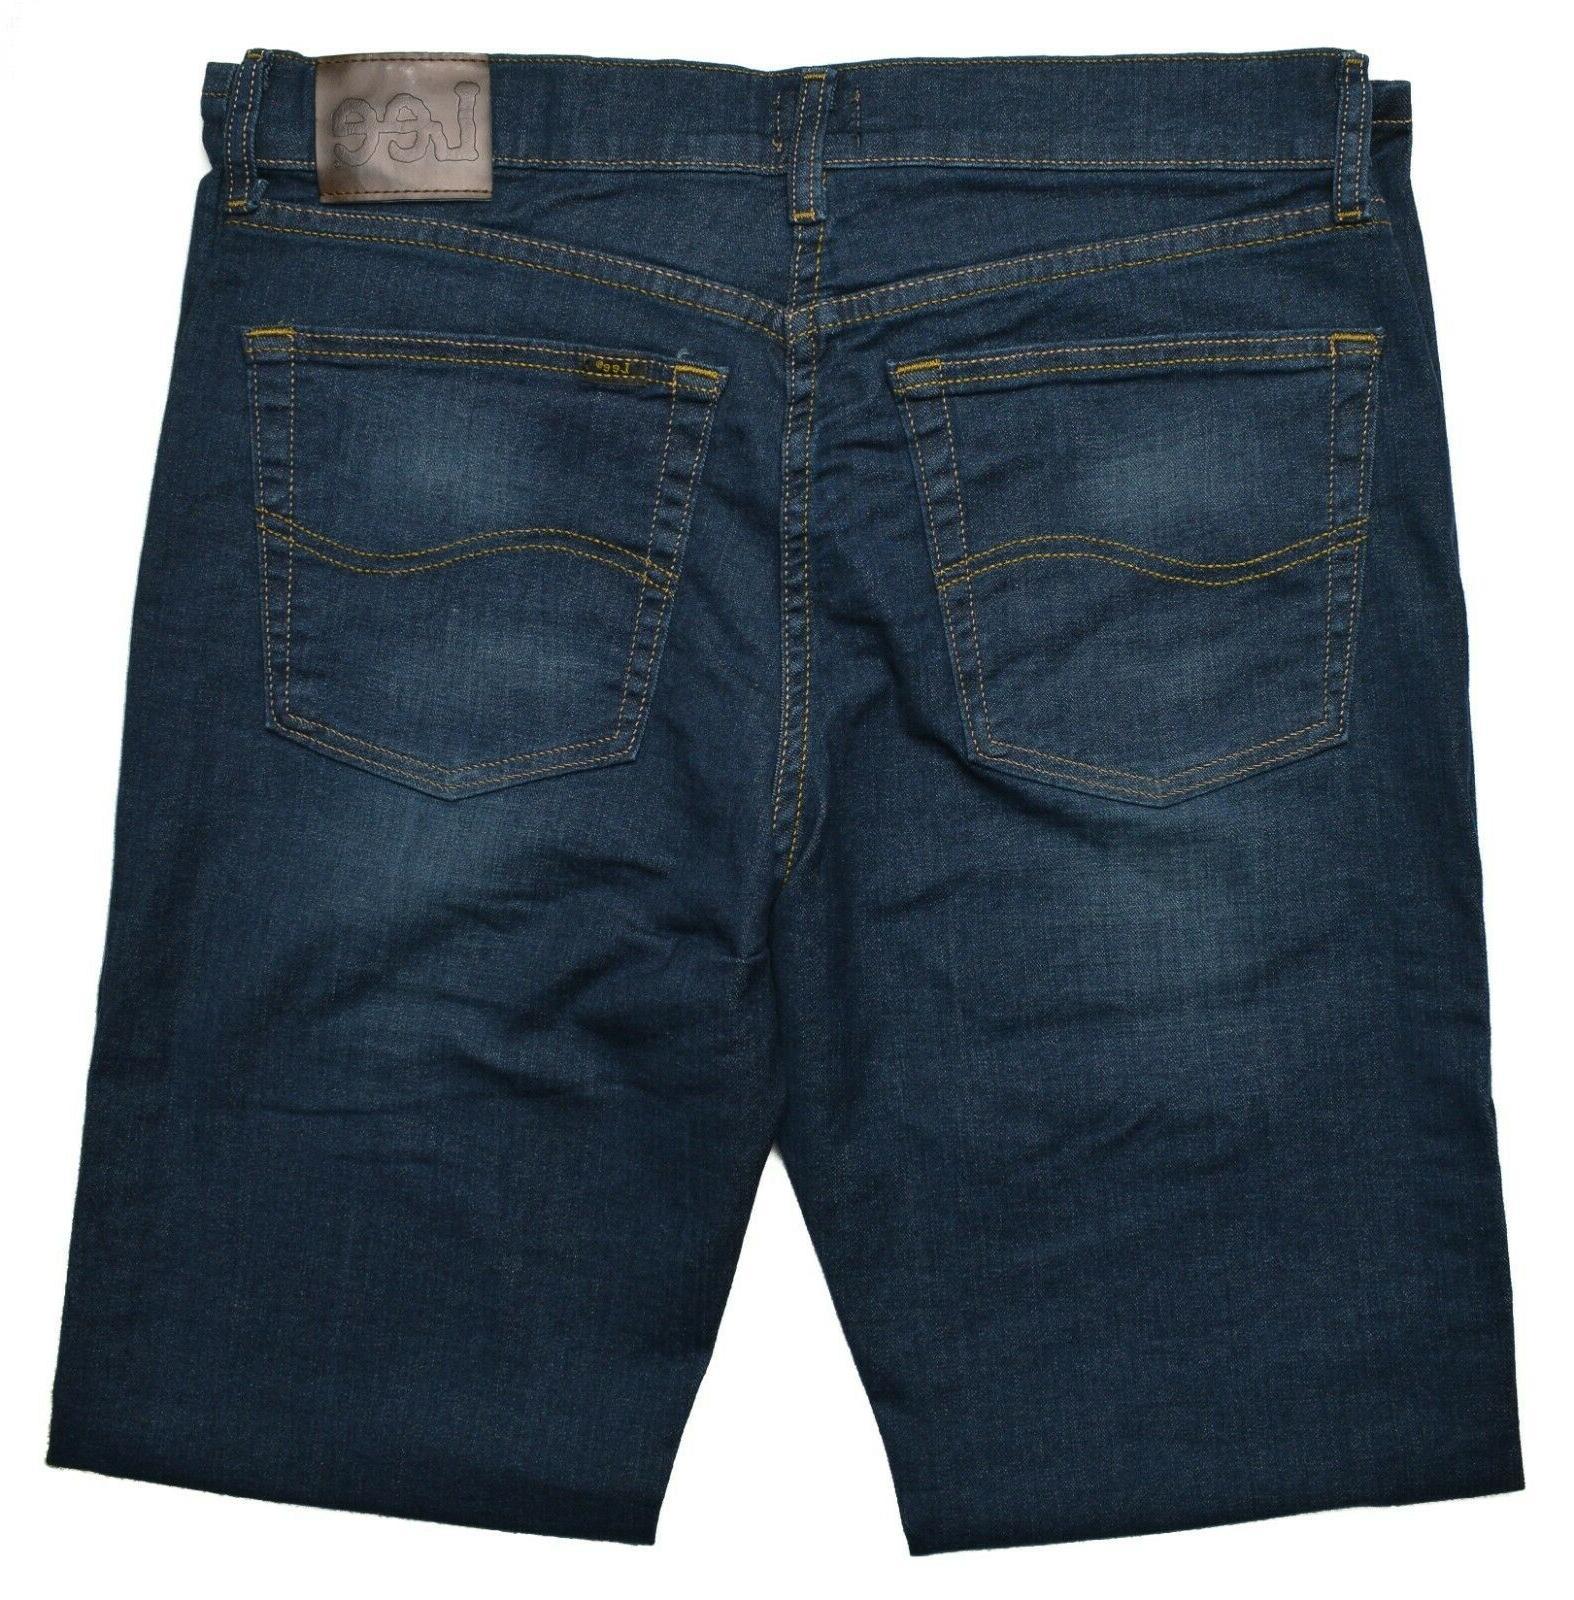 Lee Classic Premium Jeans